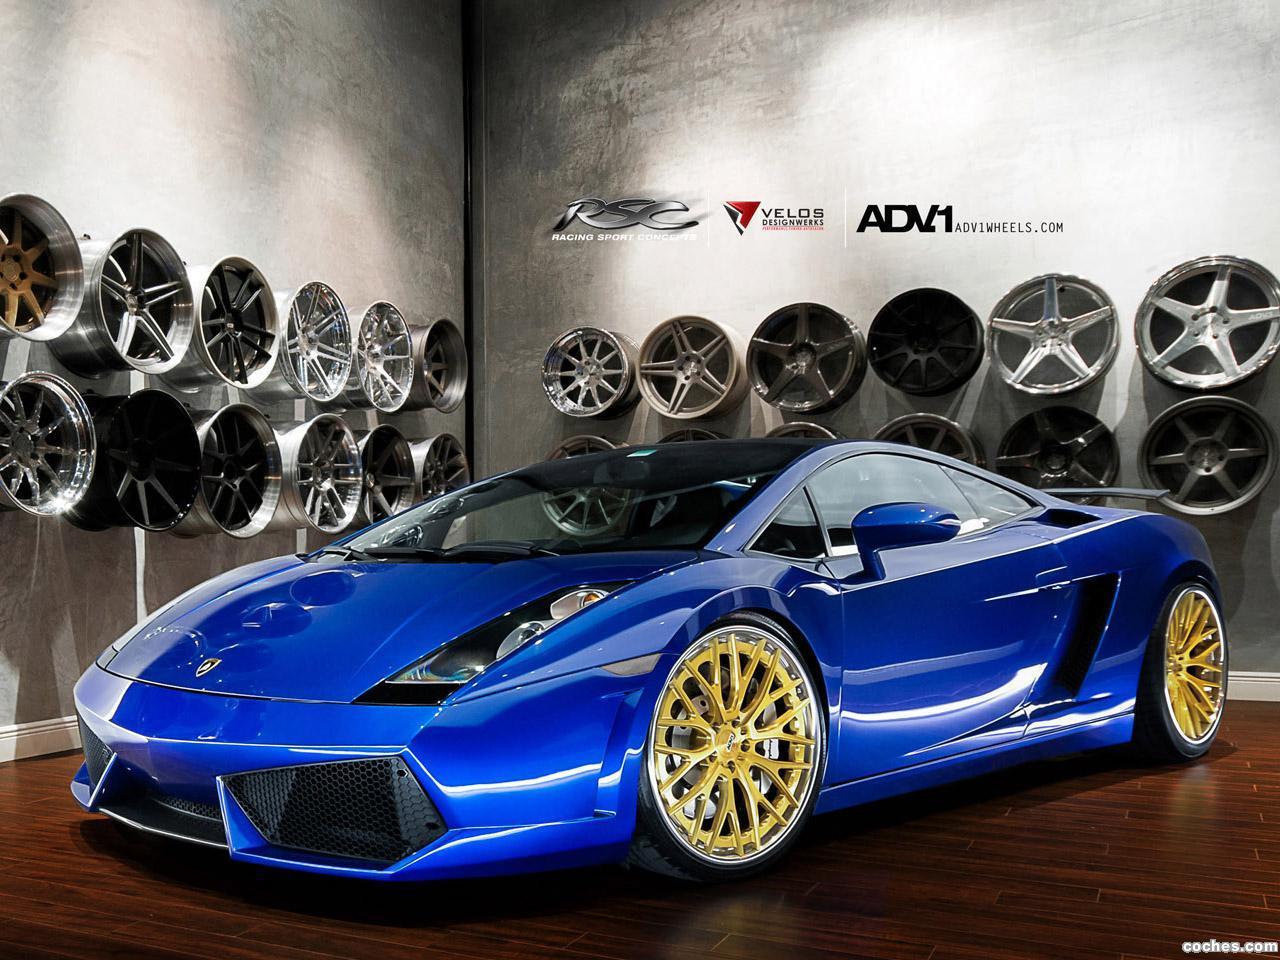 Foto 0 de Lamborghini Gallardo ADV.1 Wheels 2012